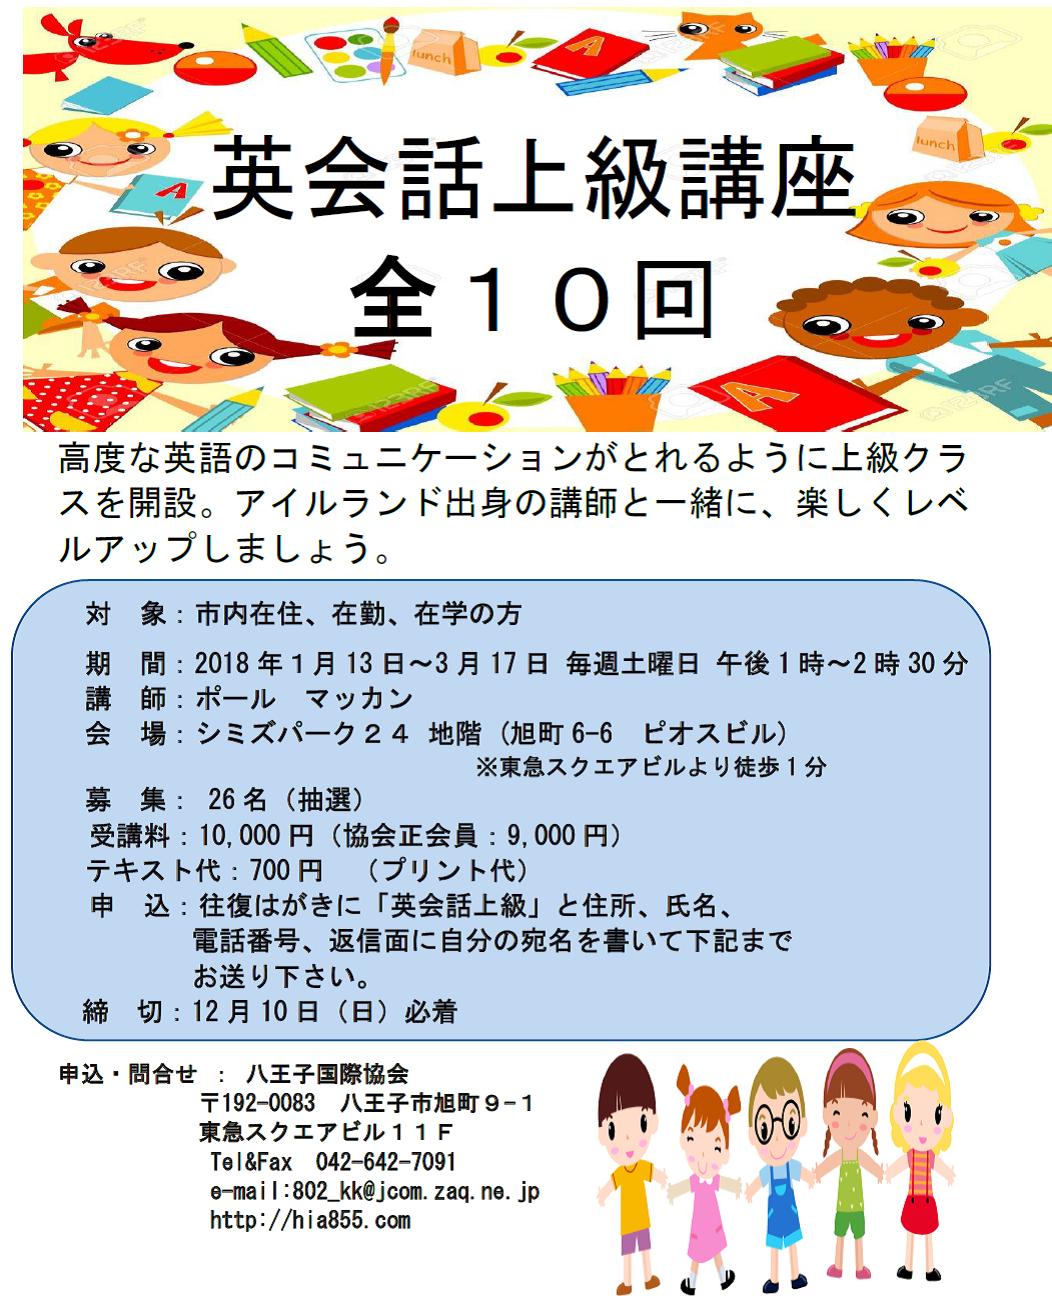 7.上級英語